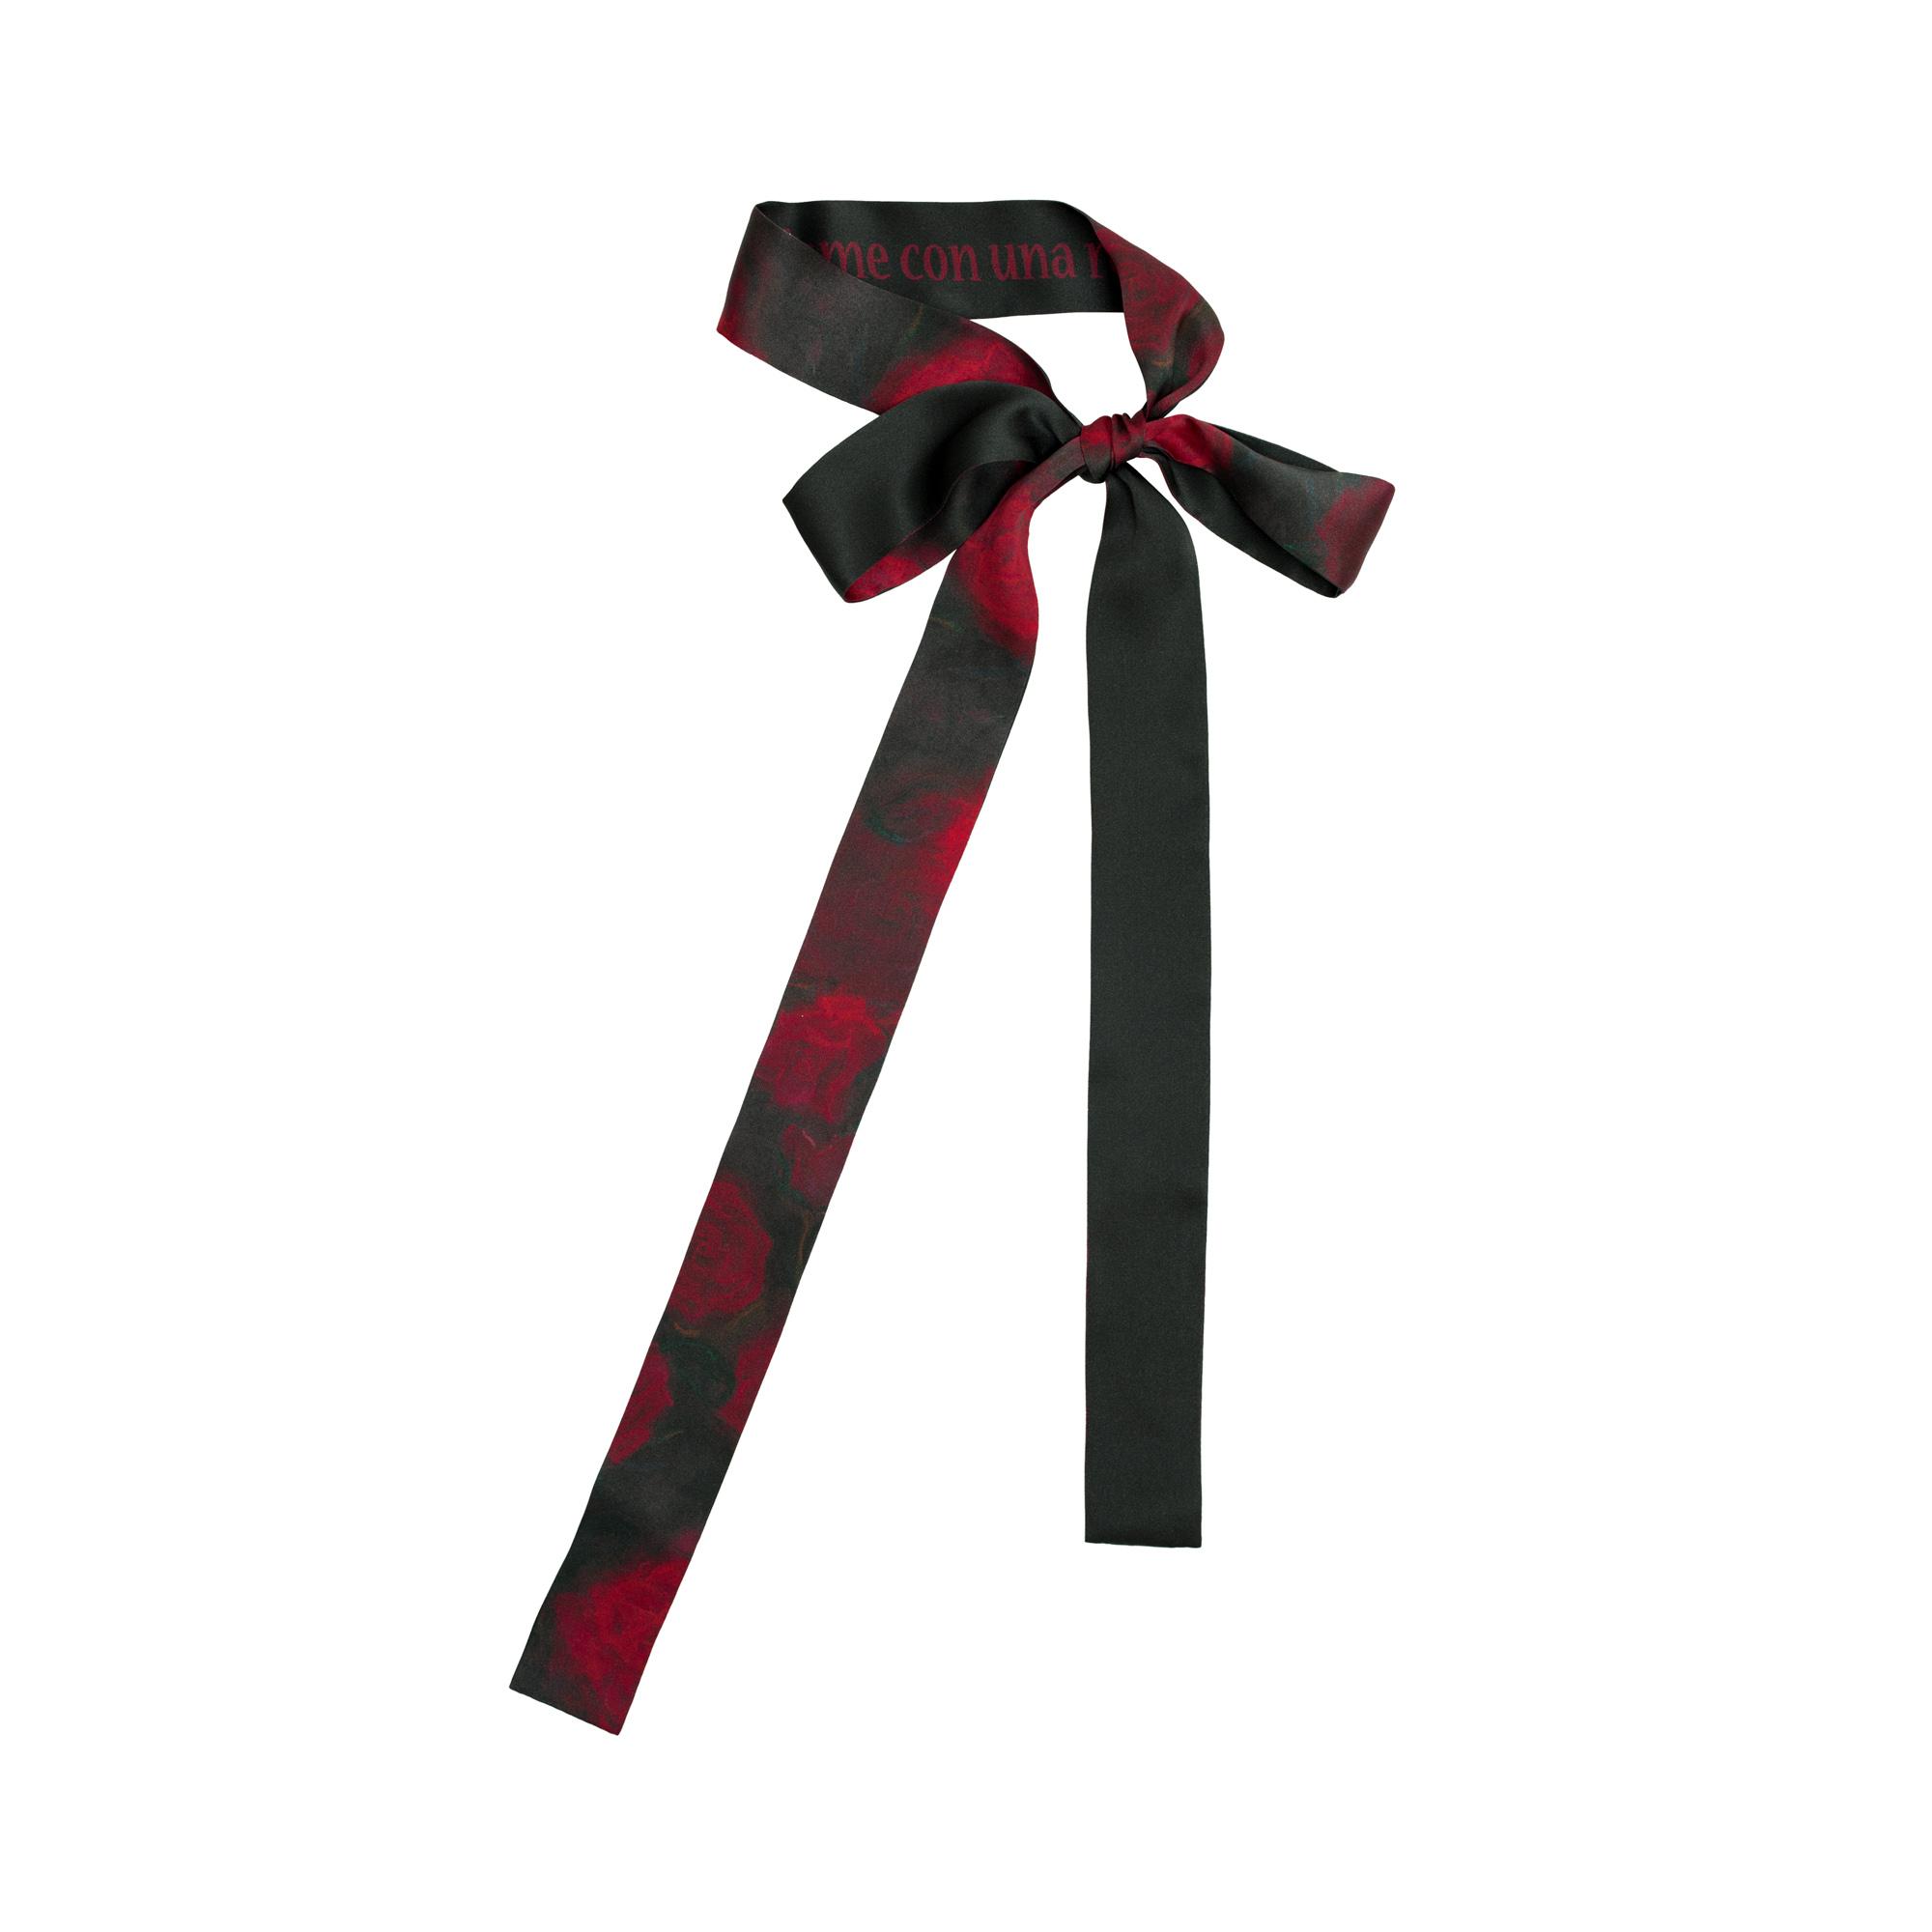 双成记加西亚系列红黑玫瑰纪念印花真丝缎面细丝巾领带复古设计